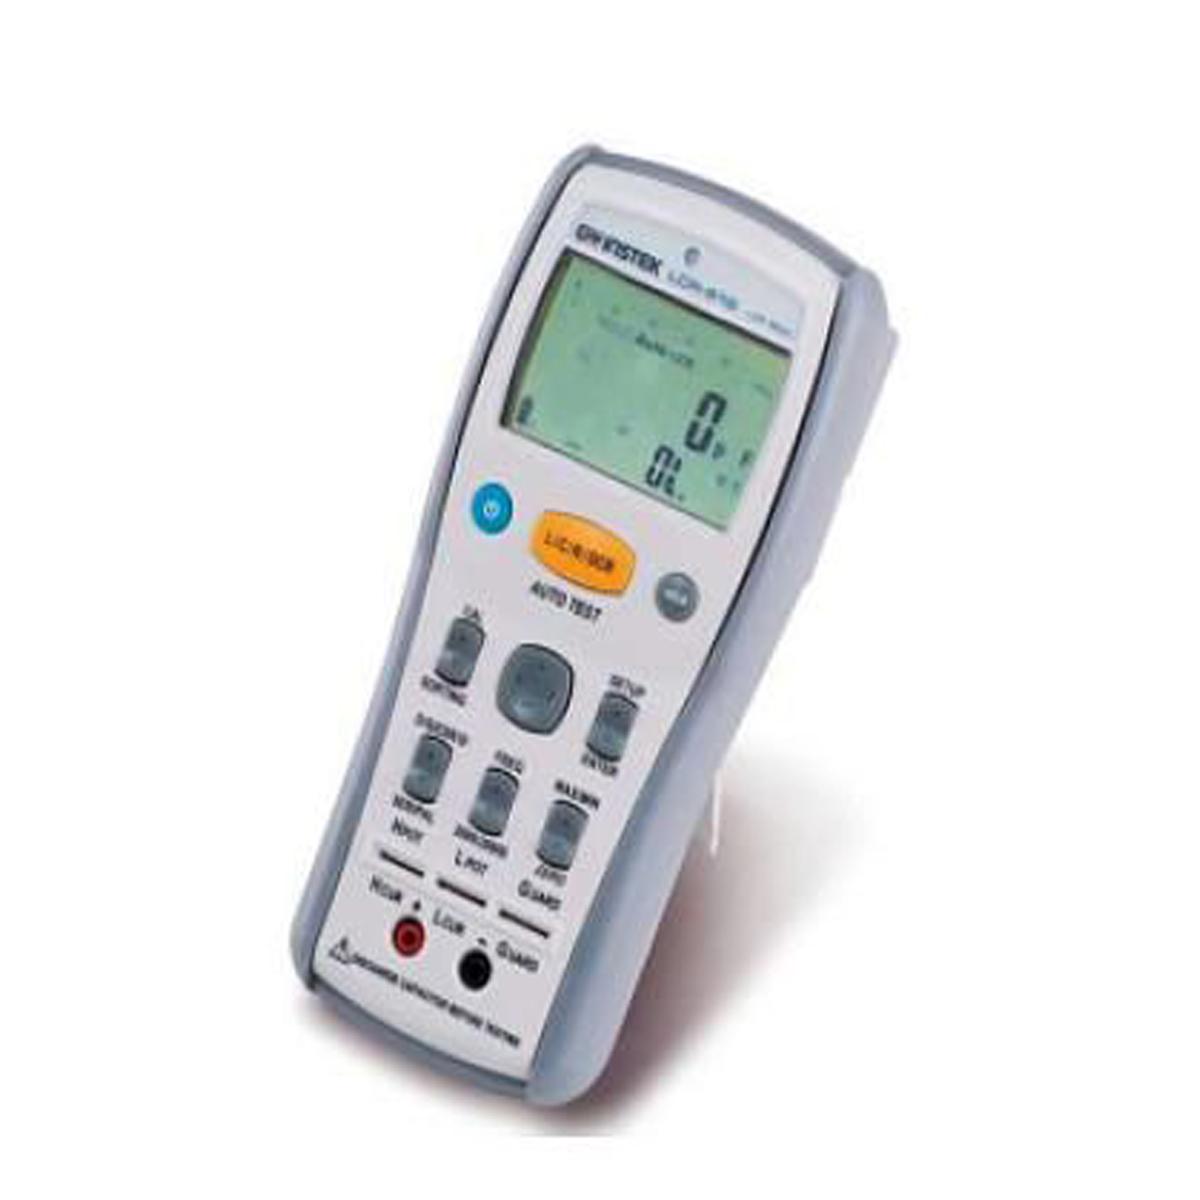 GW-INSTEK LCR-916 มิเตอร์วัดแอลซีอาร์ แบบมือถือ